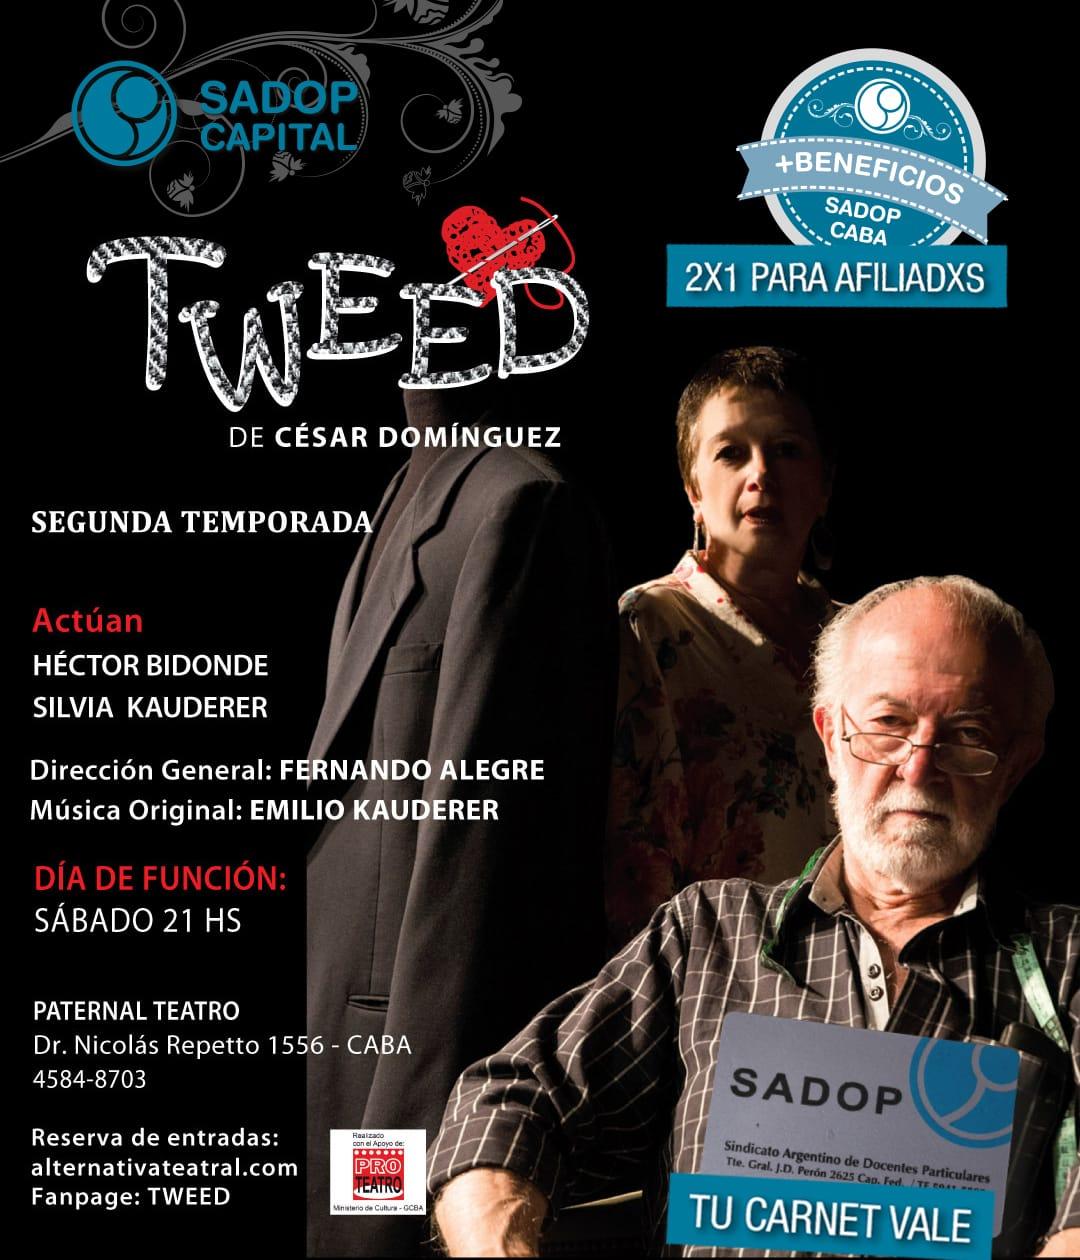 En este momento estás viendo Más Teatro 2X1 para Afiliados SADOP CABA